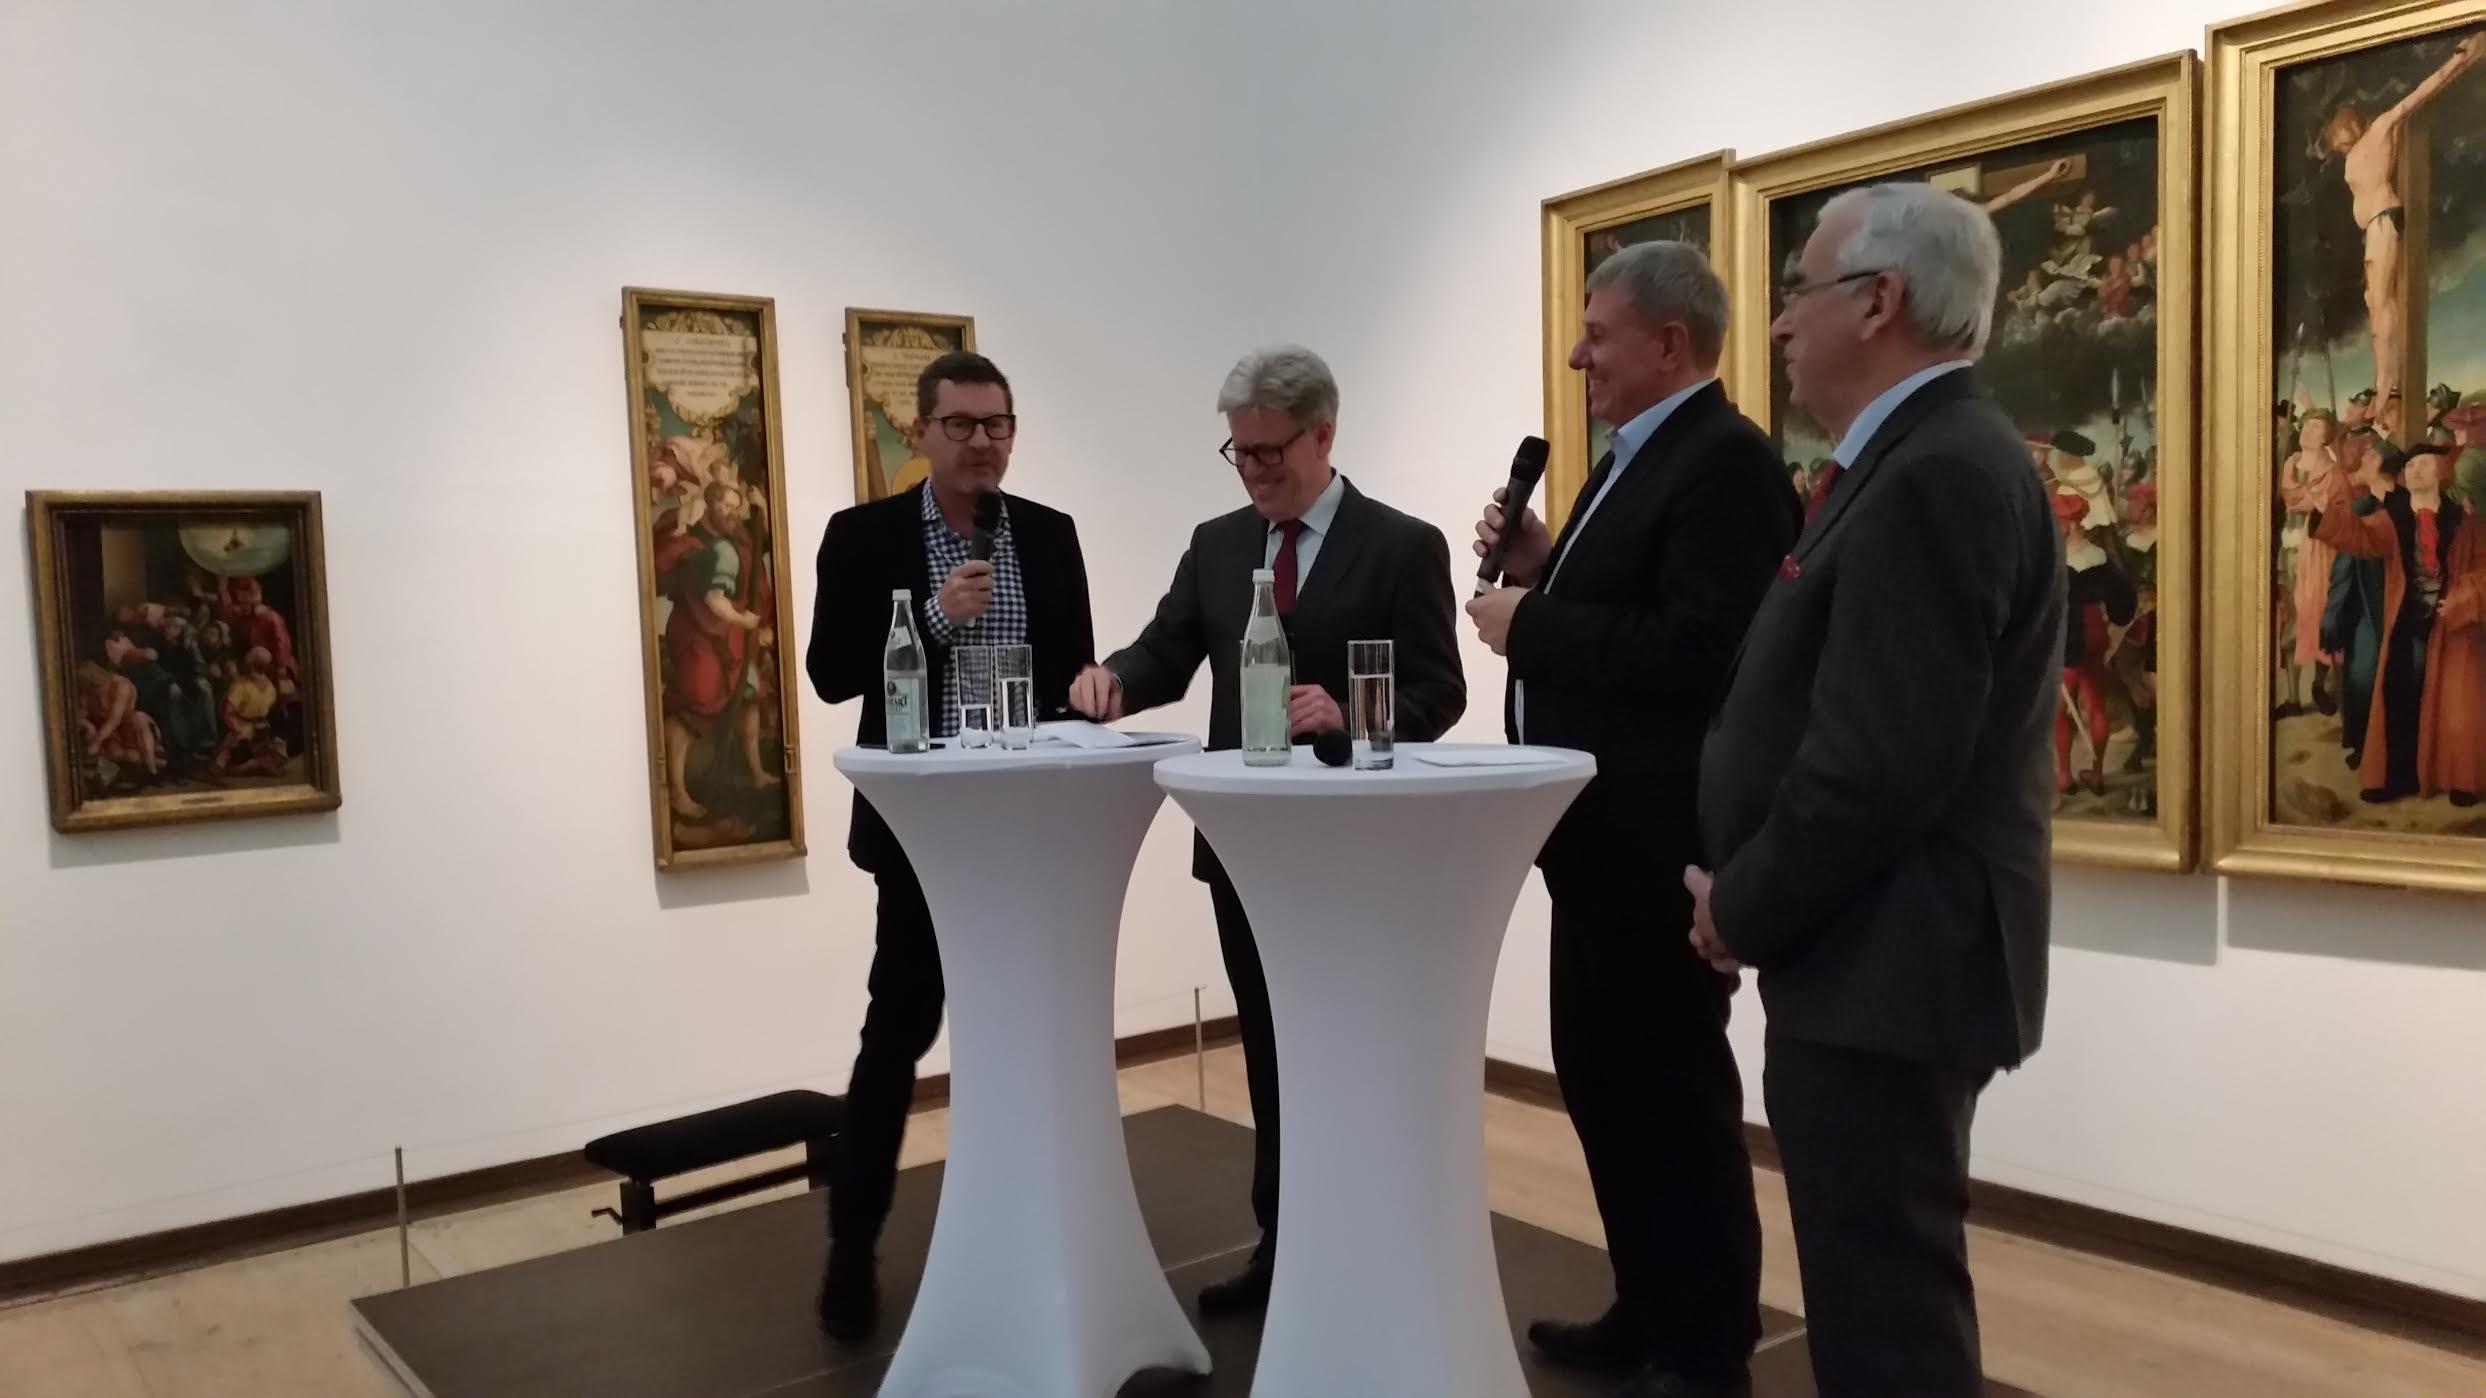 Amüsante Plauderstunde: Kai Diekmann, Gerd Horseling, Daniel Biskup, Theo Waigel (v.l).